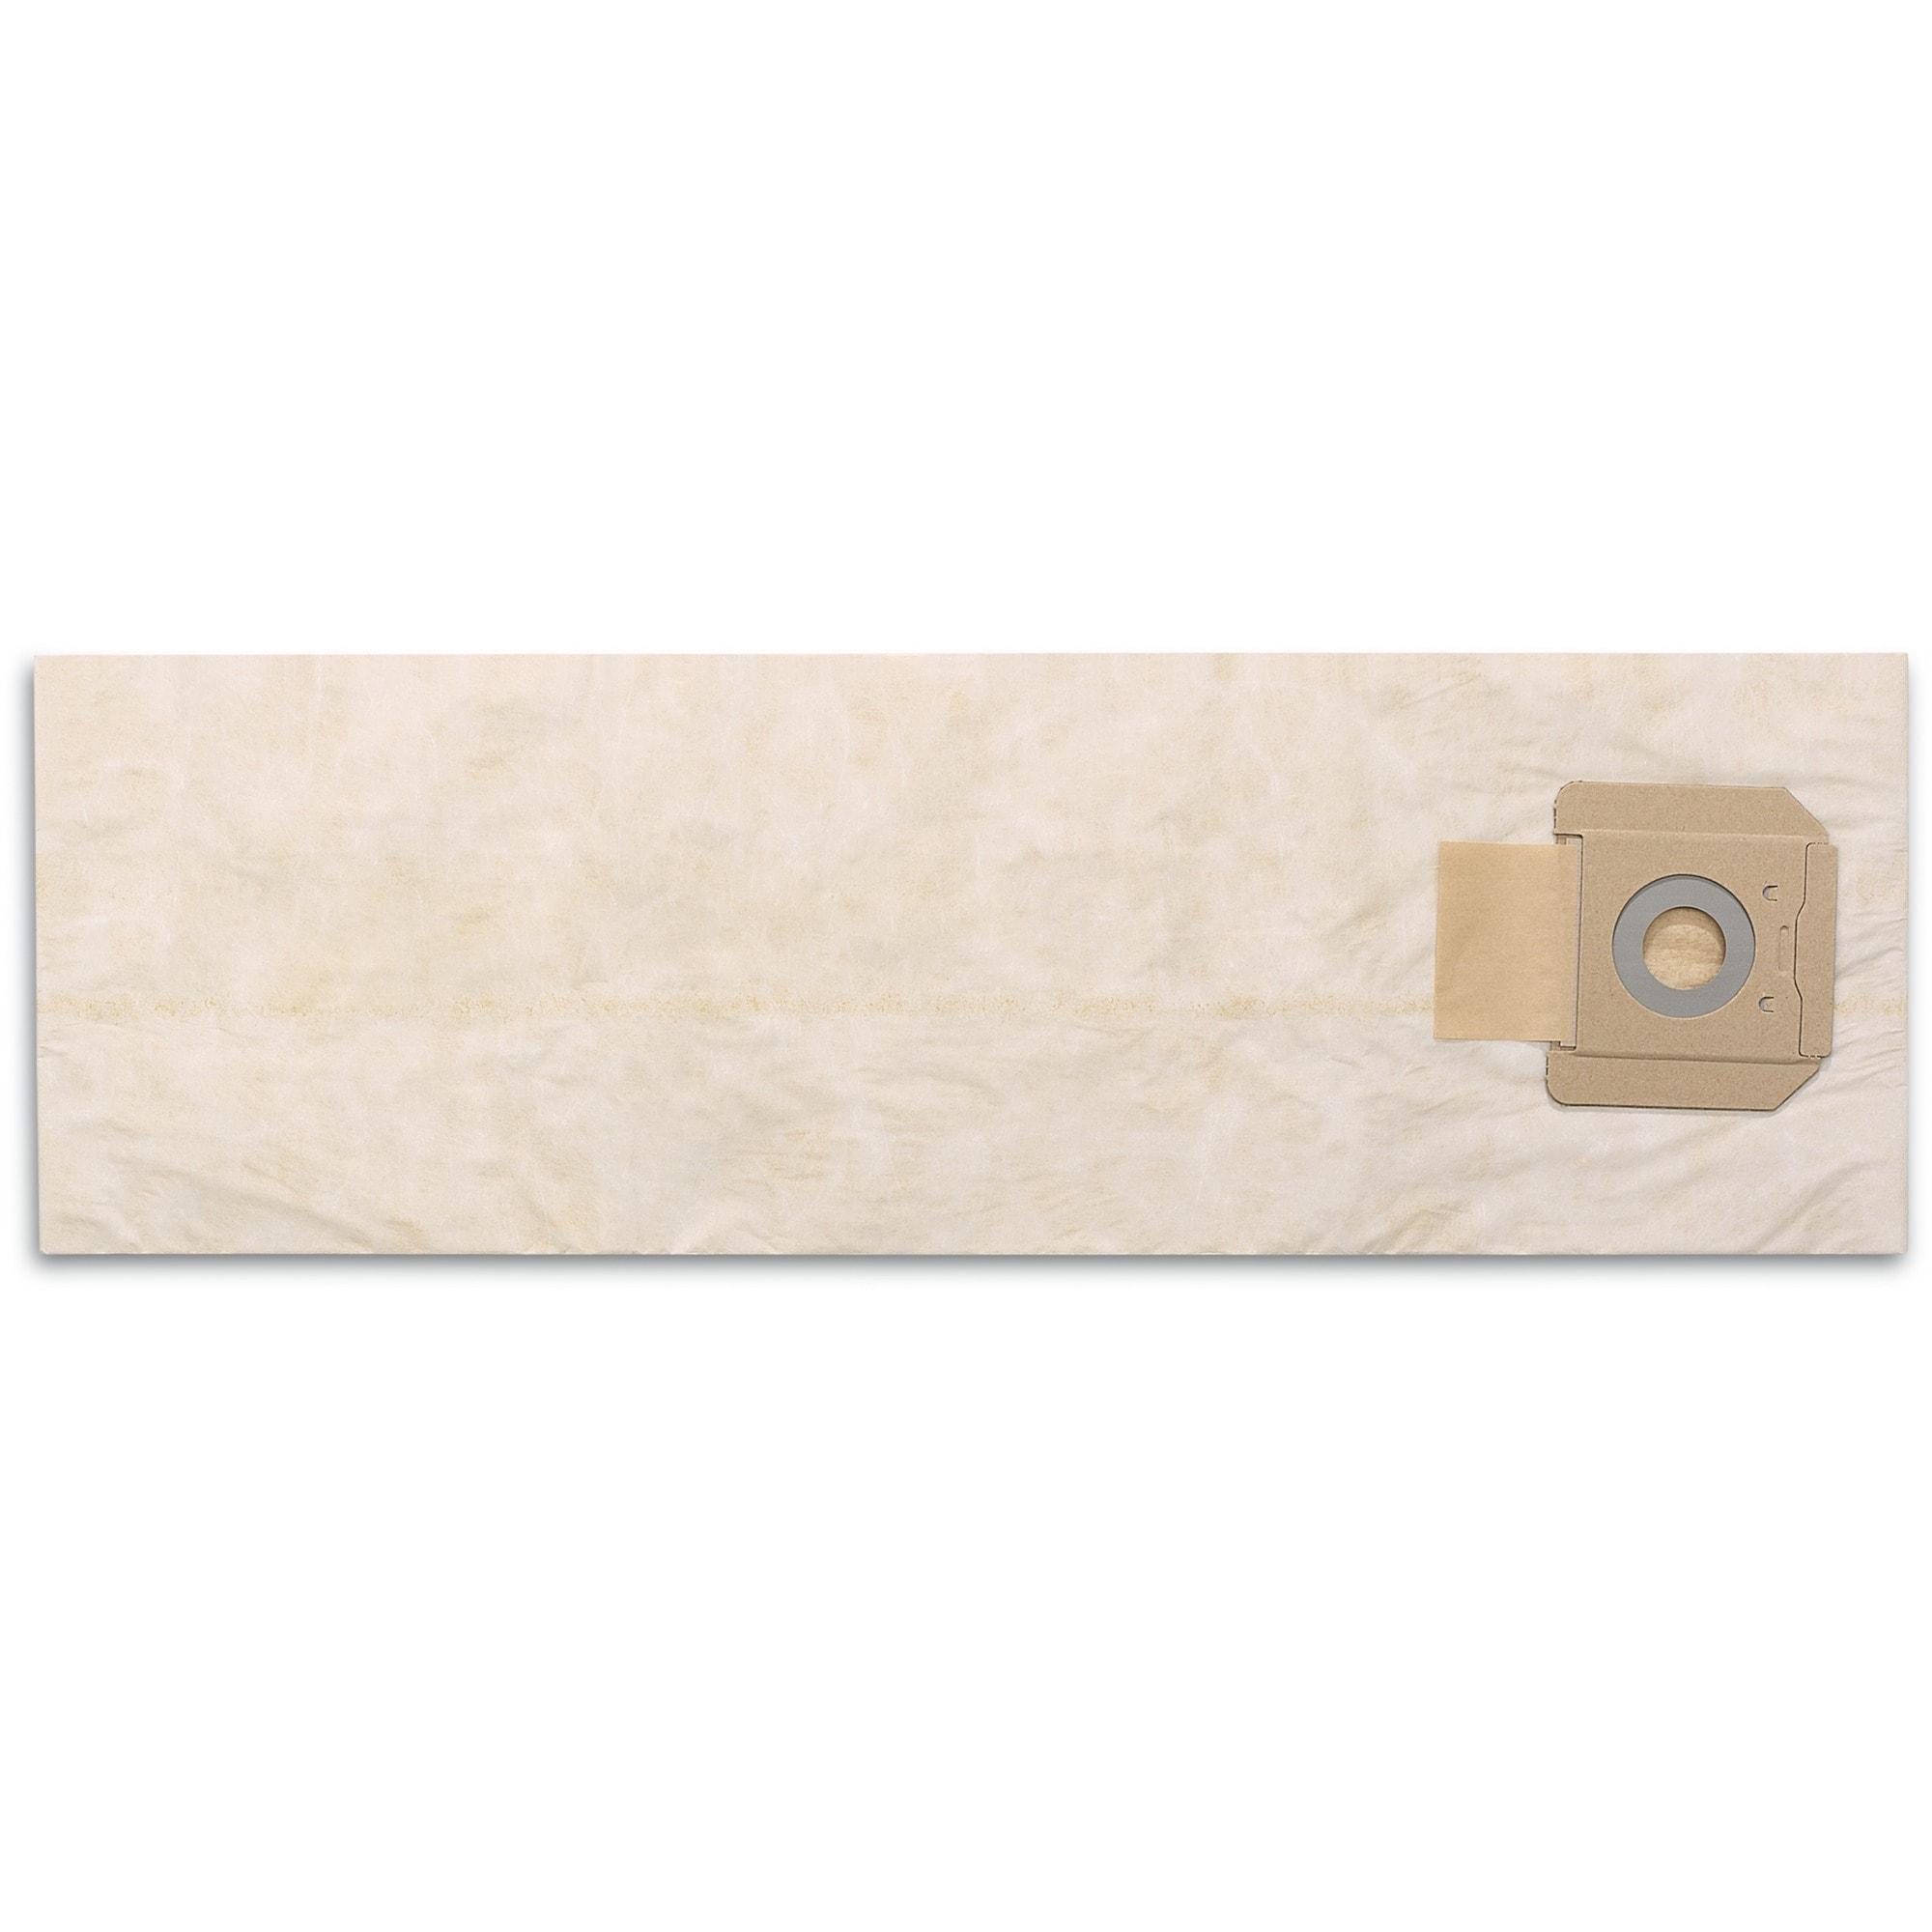 Kärcher Staubsaugerbeutel Papierfiltertüten 5 Stück